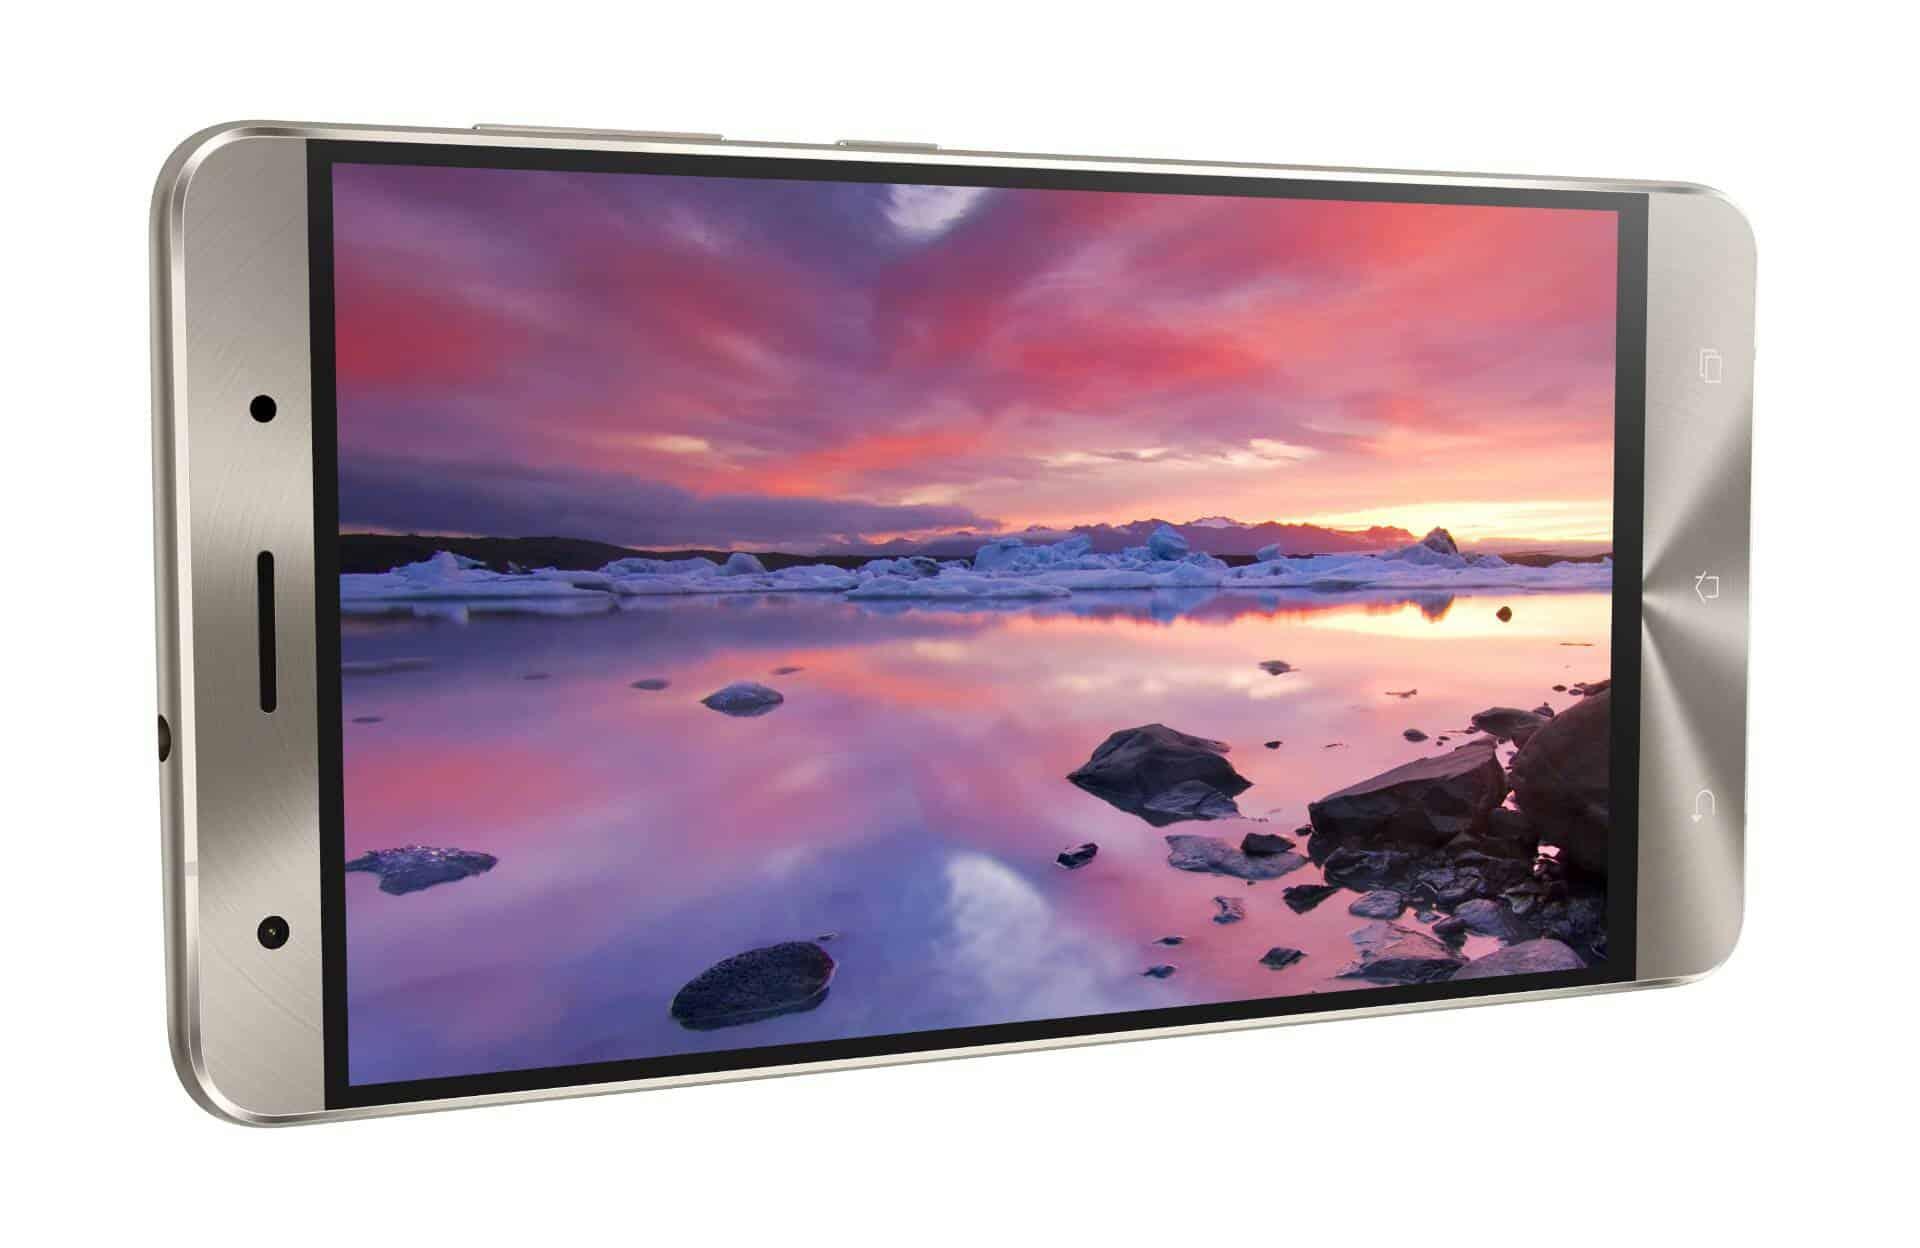 ASUS ZenFone 3 Deluxe 17